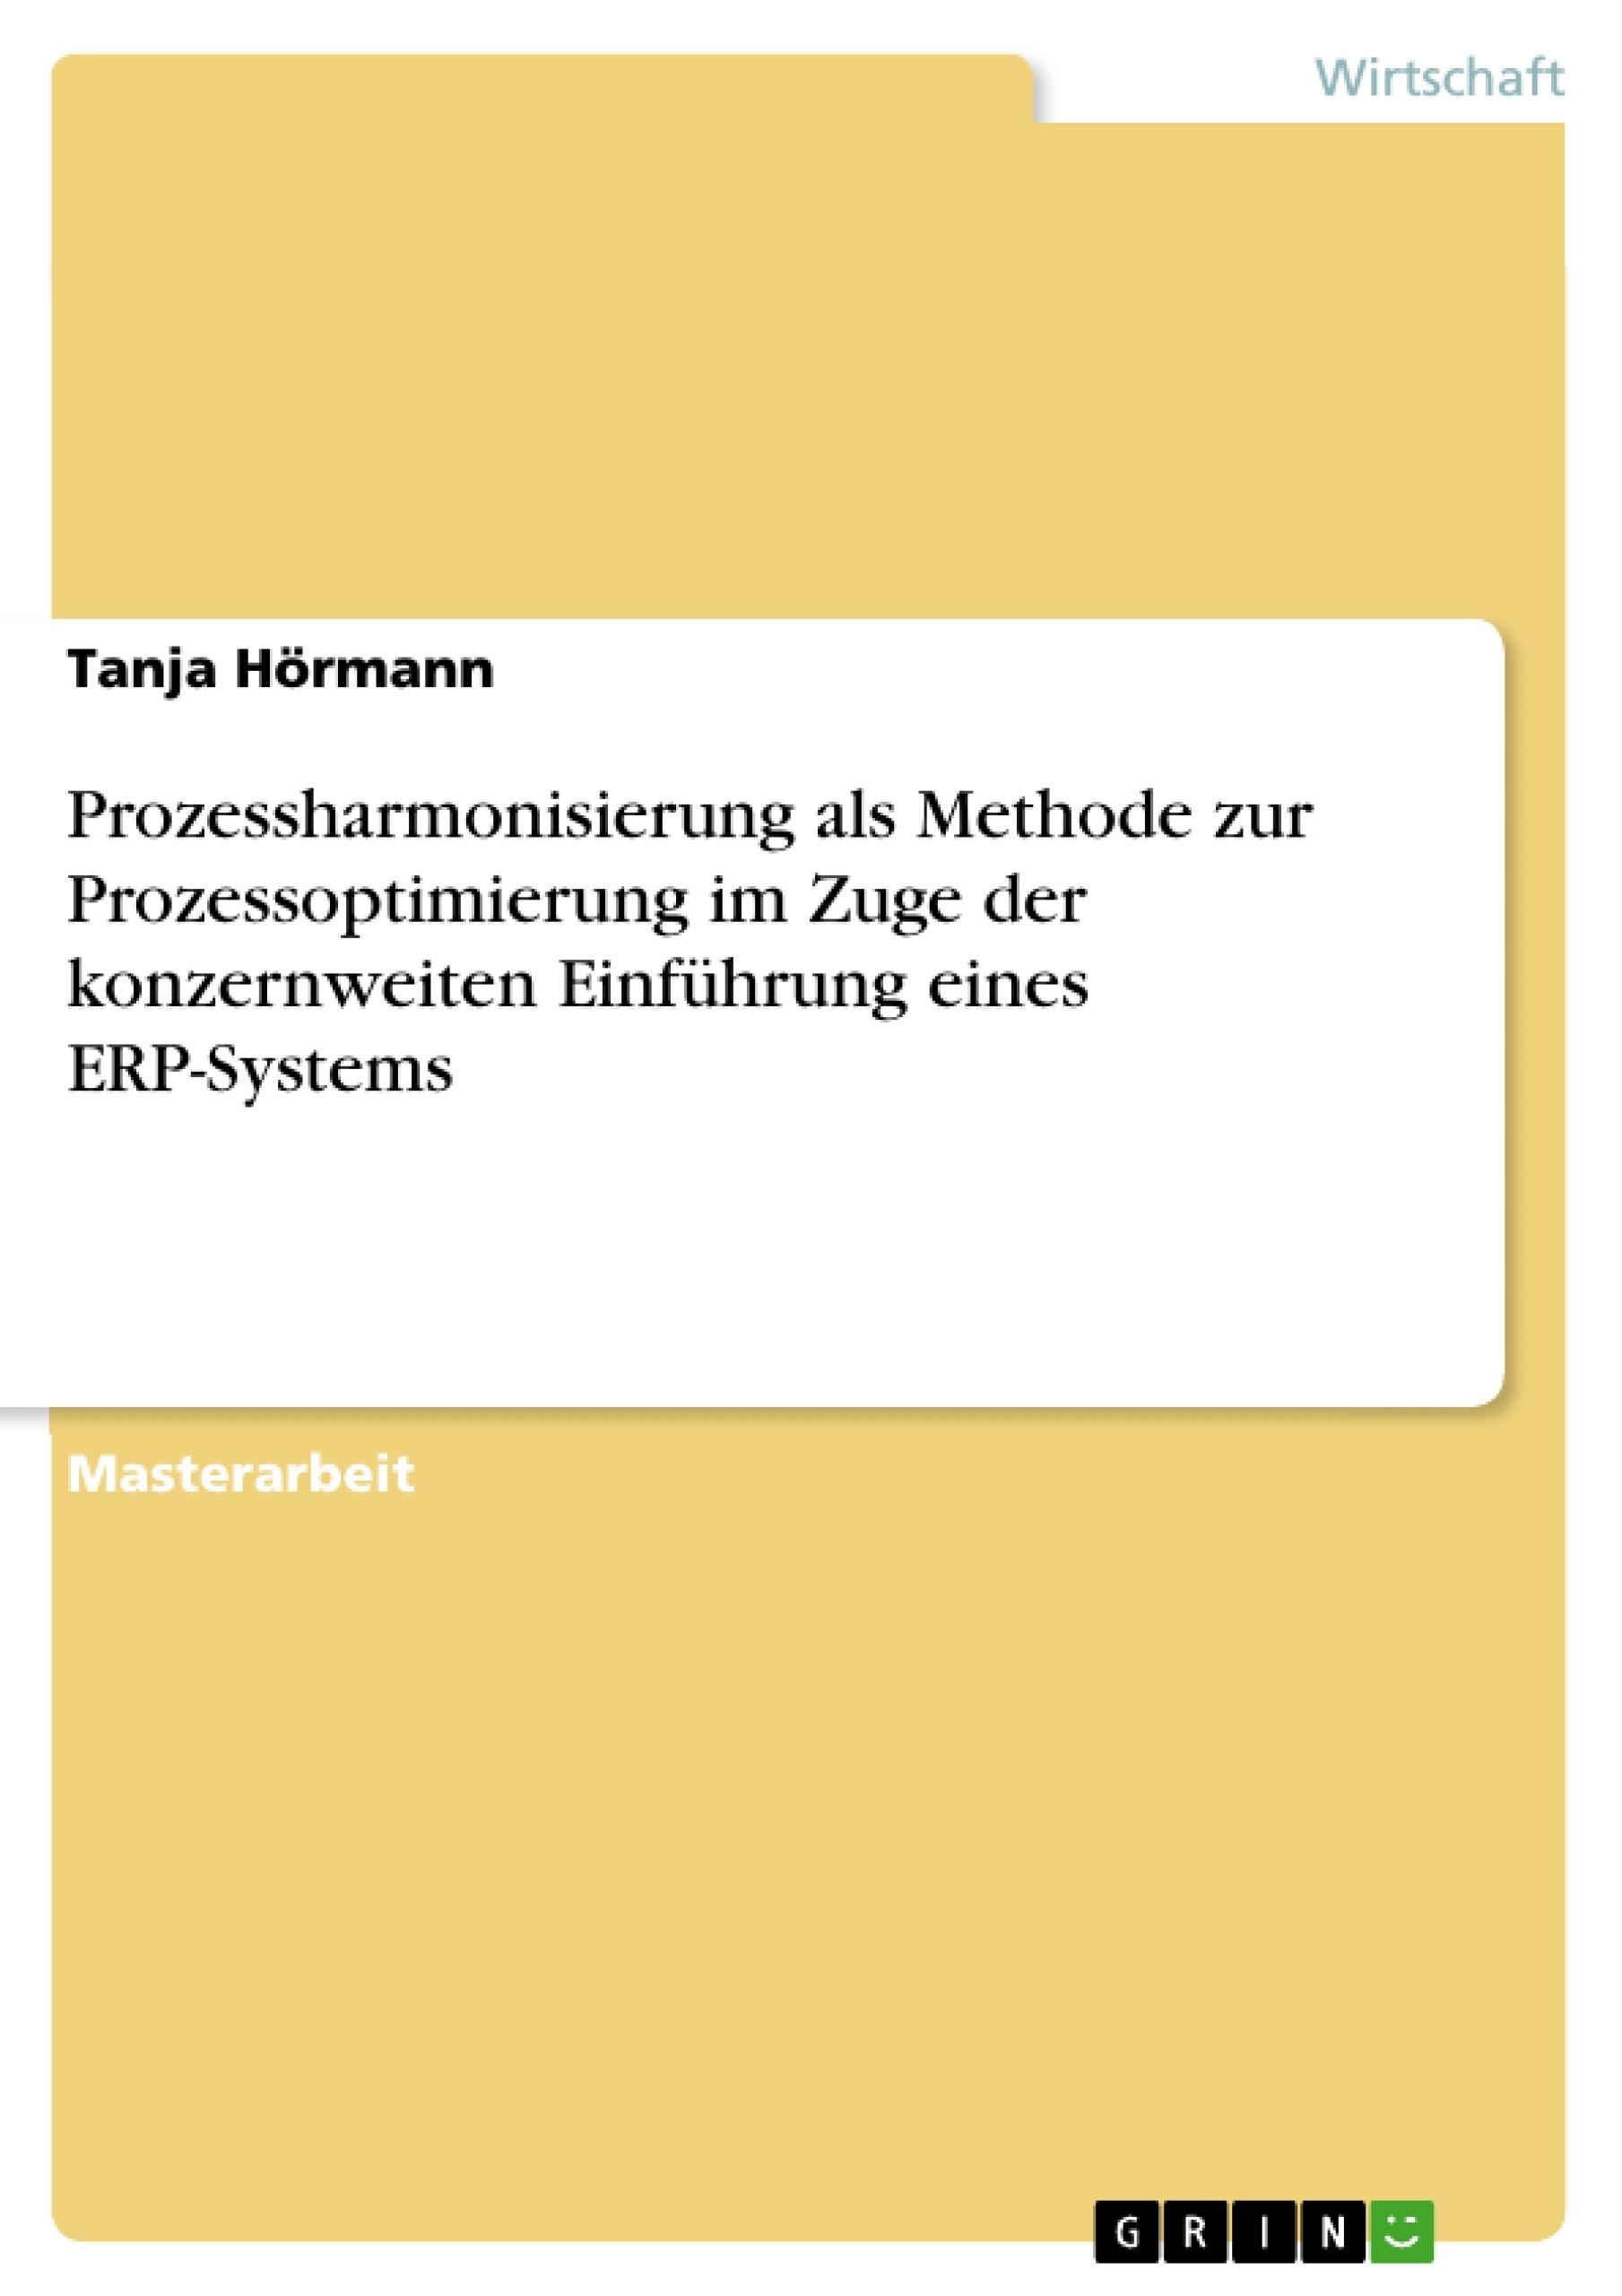 Titel: Prozessharmonisierung als Methode zur Prozessoptimierung im Zuge der konzernweiten Einführung eines ERP-Systems